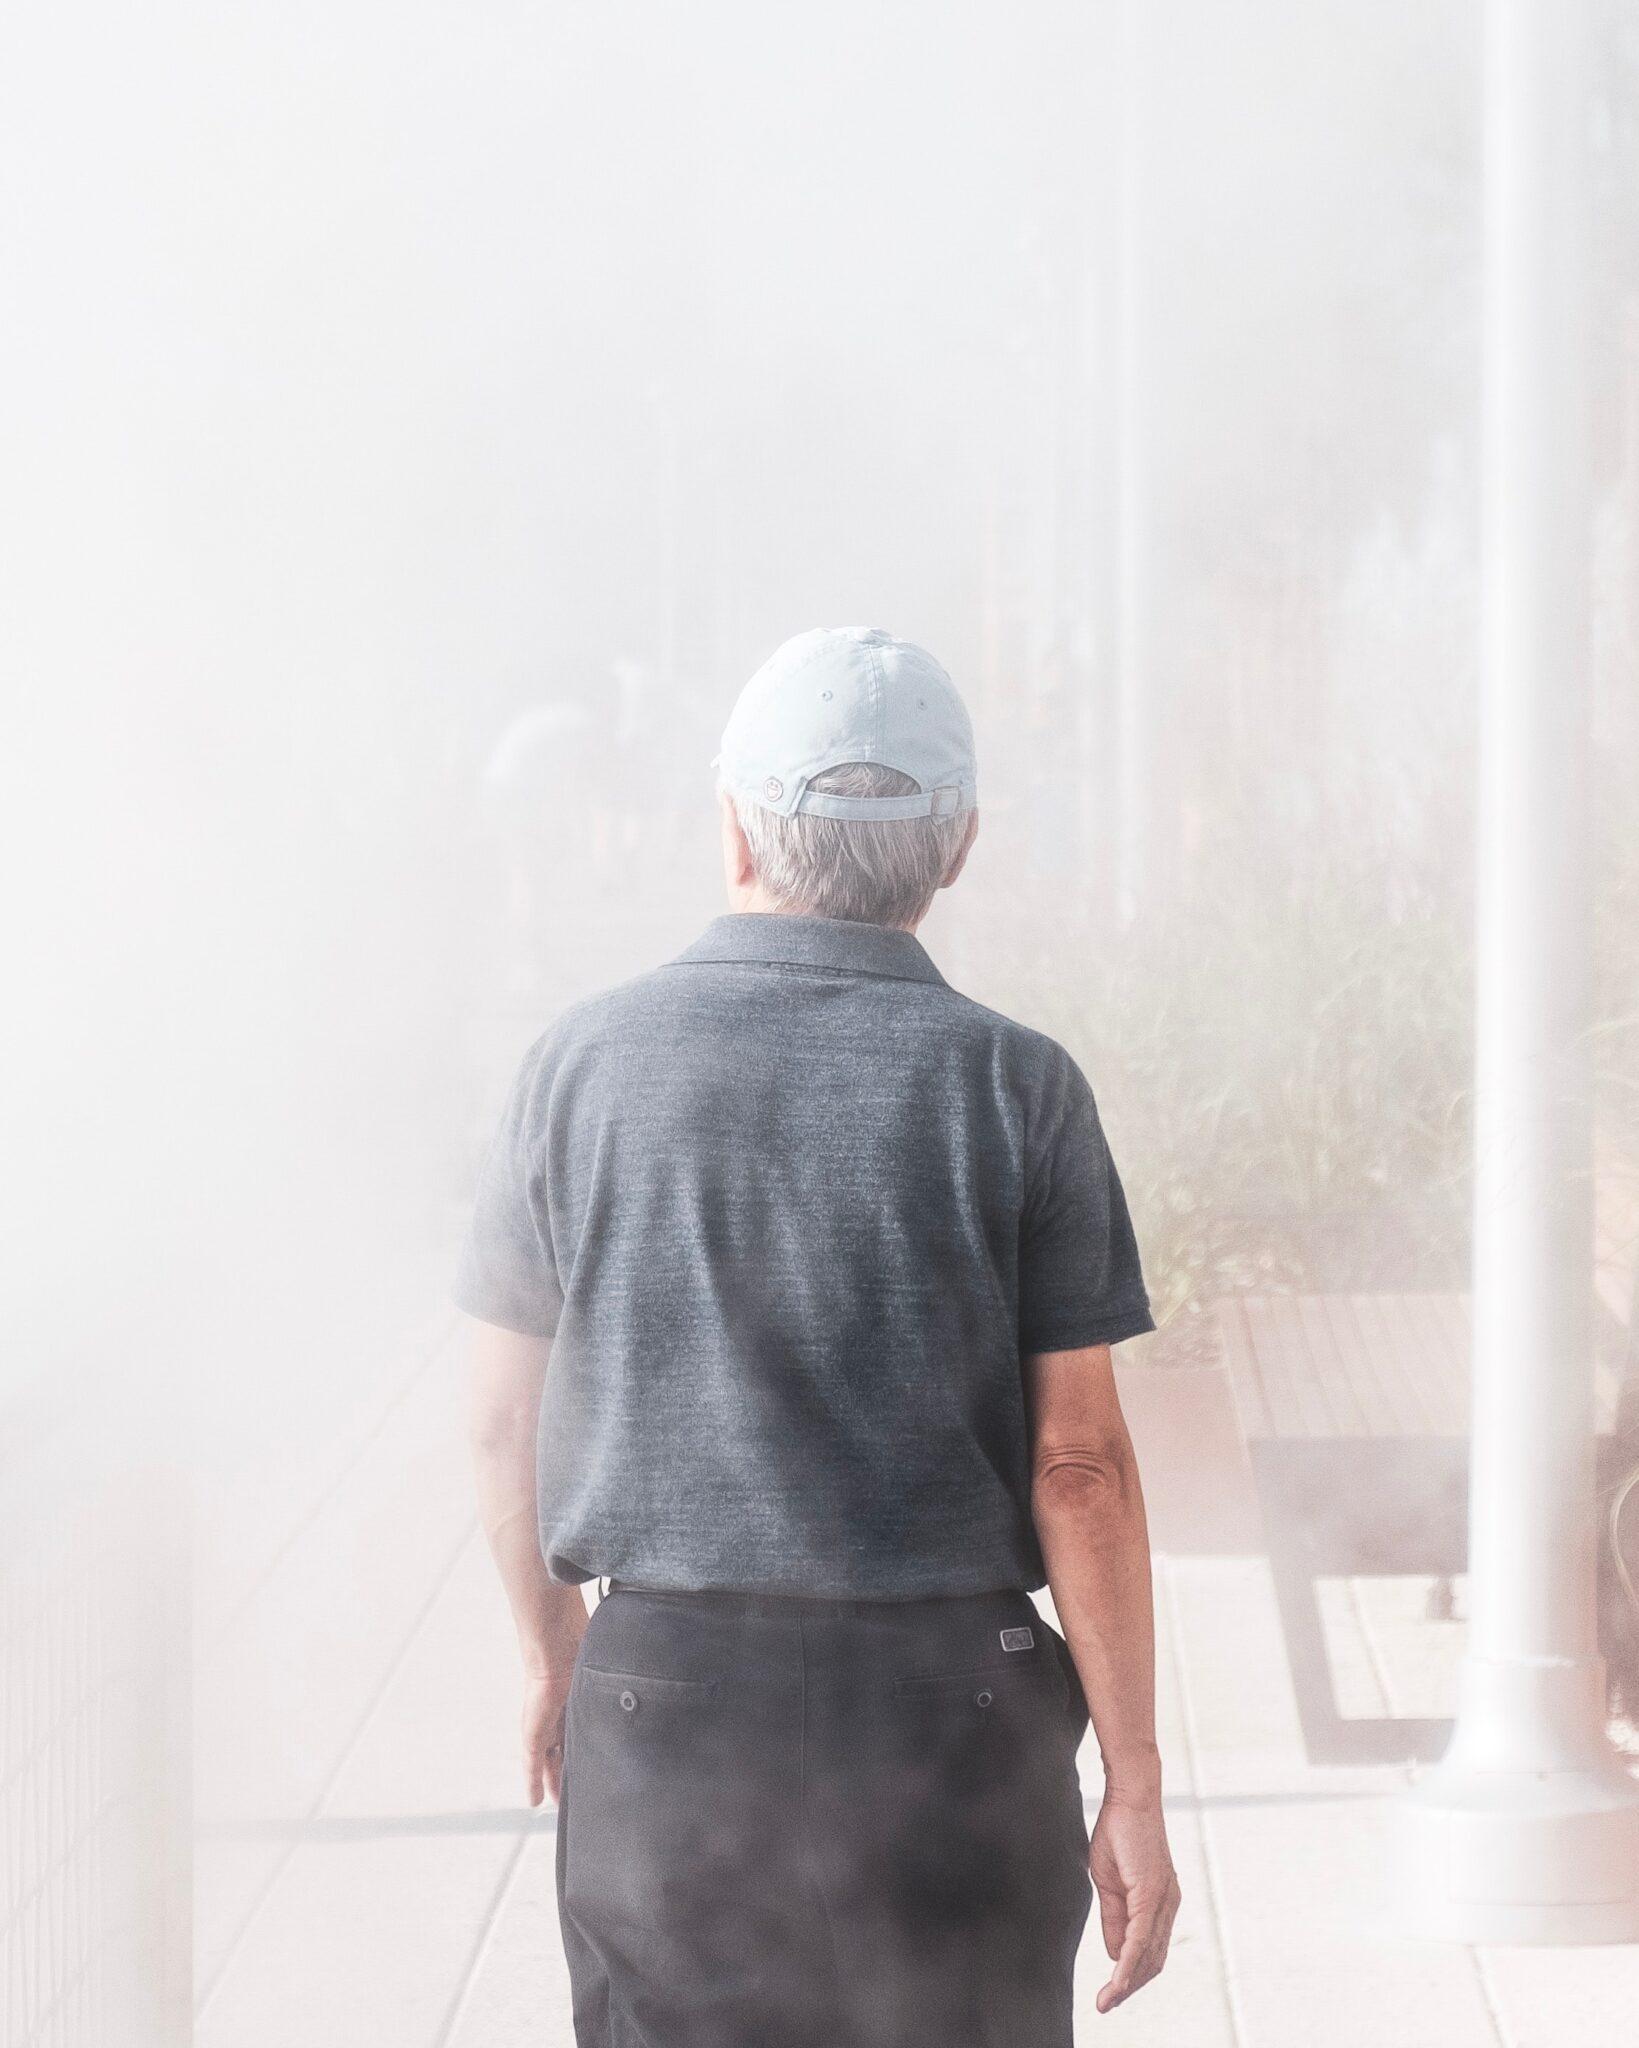 missing man, man in cap walking toward haze